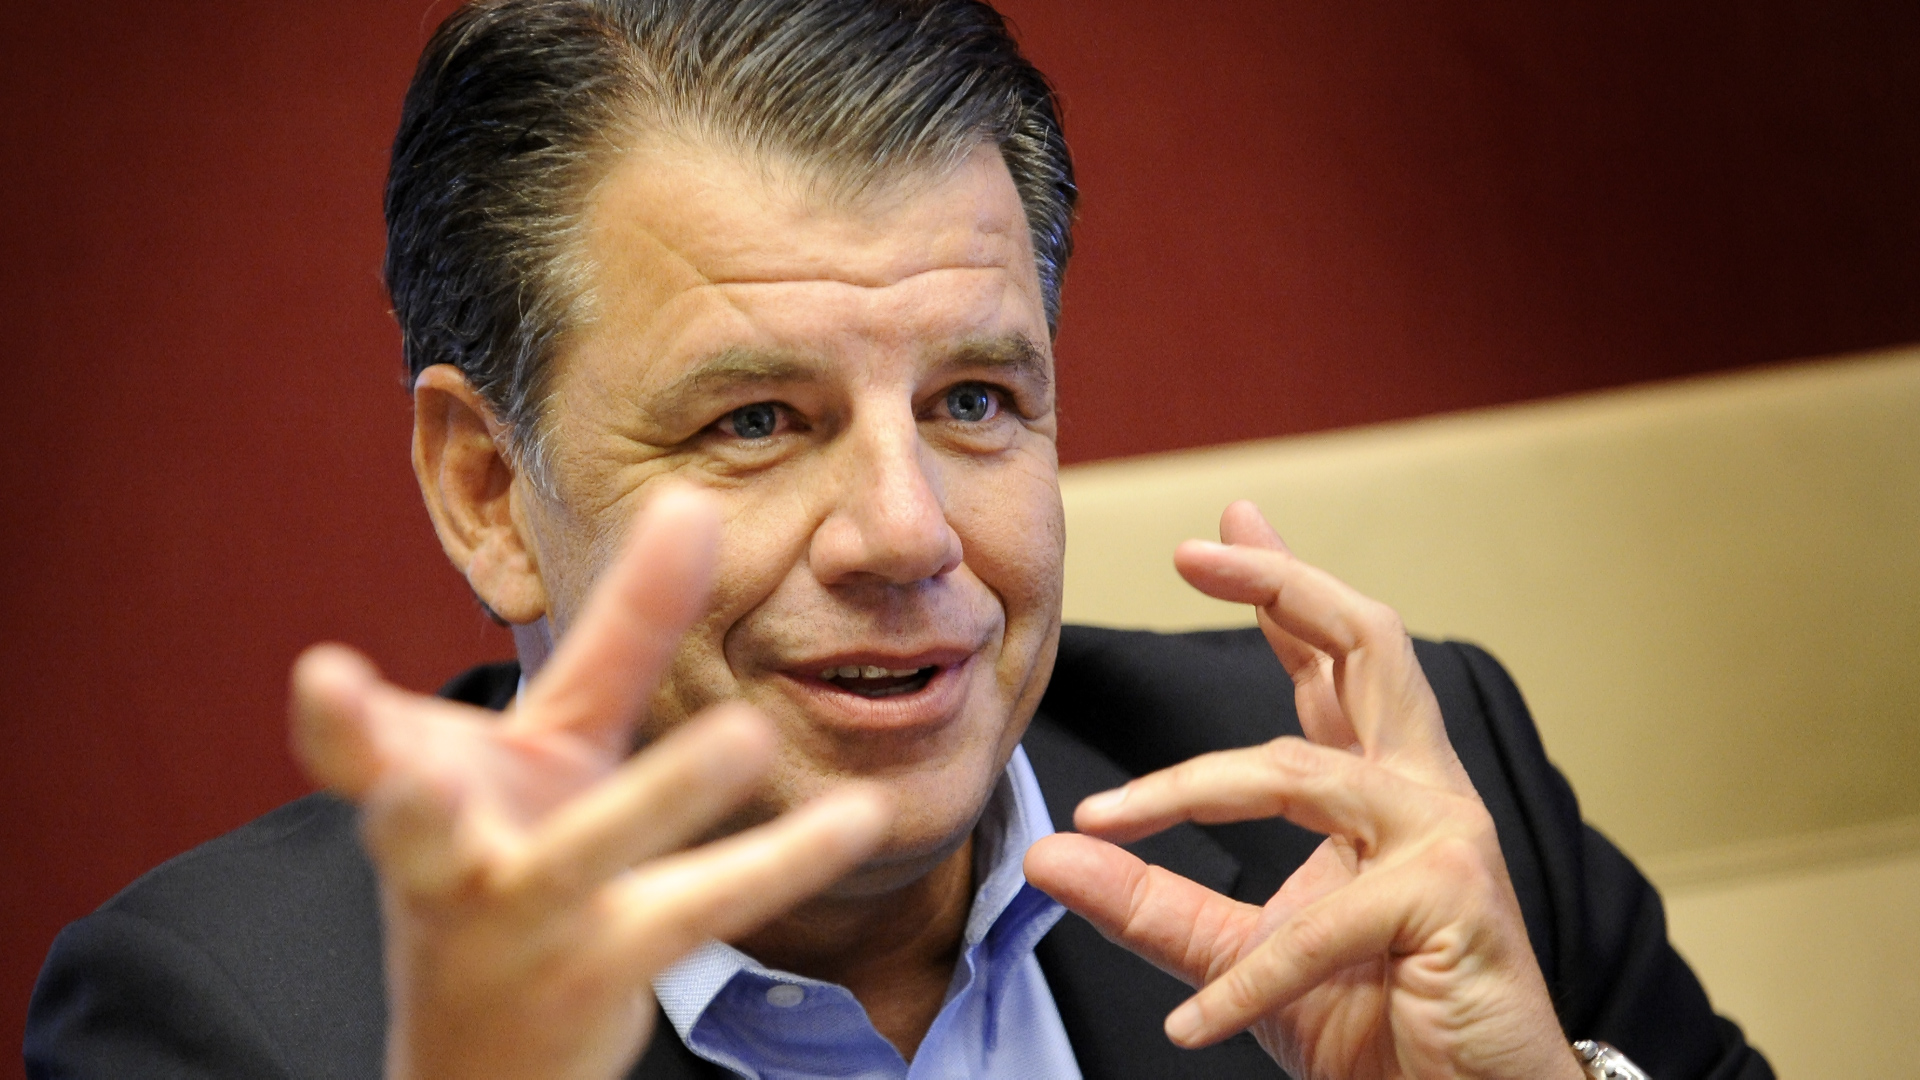 Hikmet Ersek, CEO of Western Union